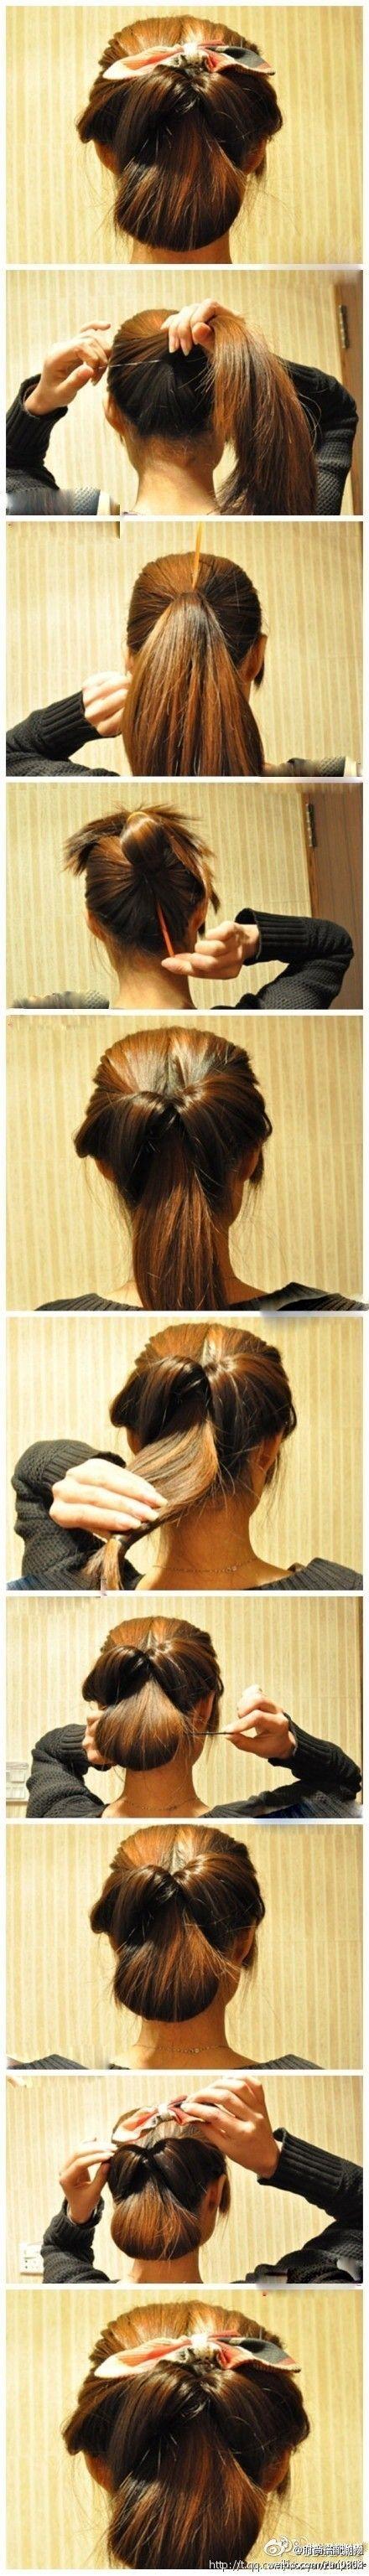 simplekoreanhairstylestutorial2015 best hairstyles